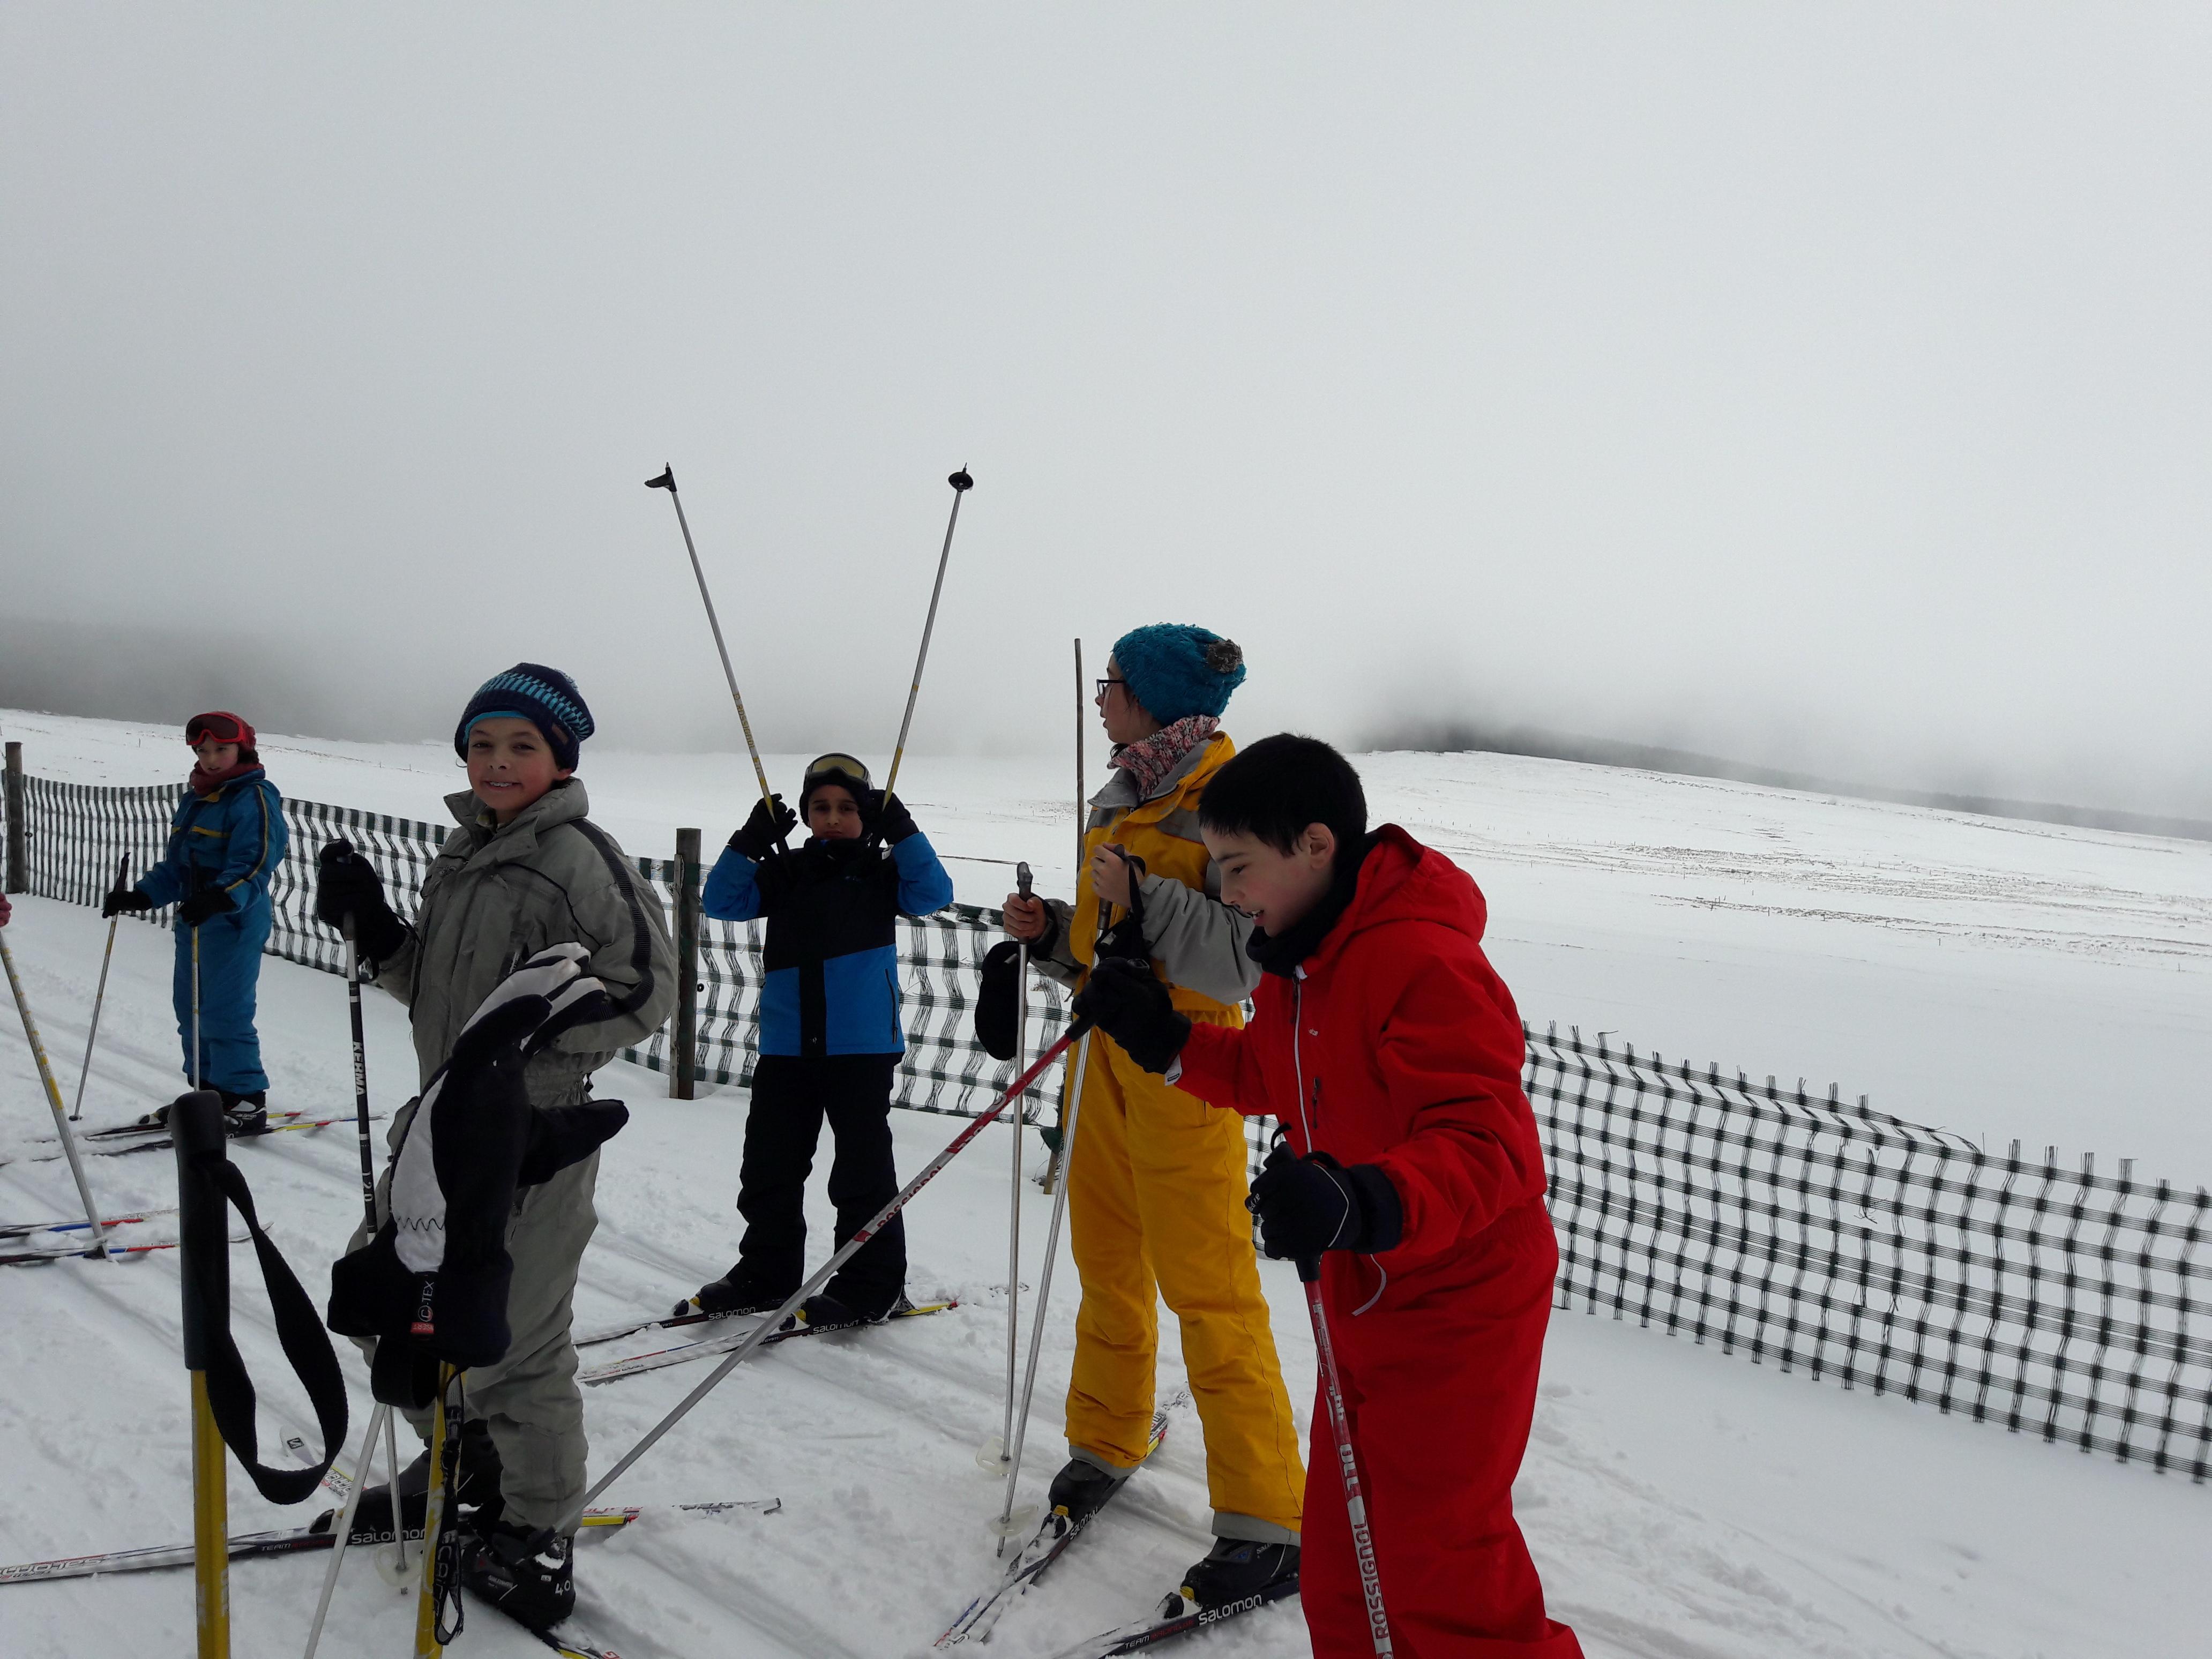 Sorti ski